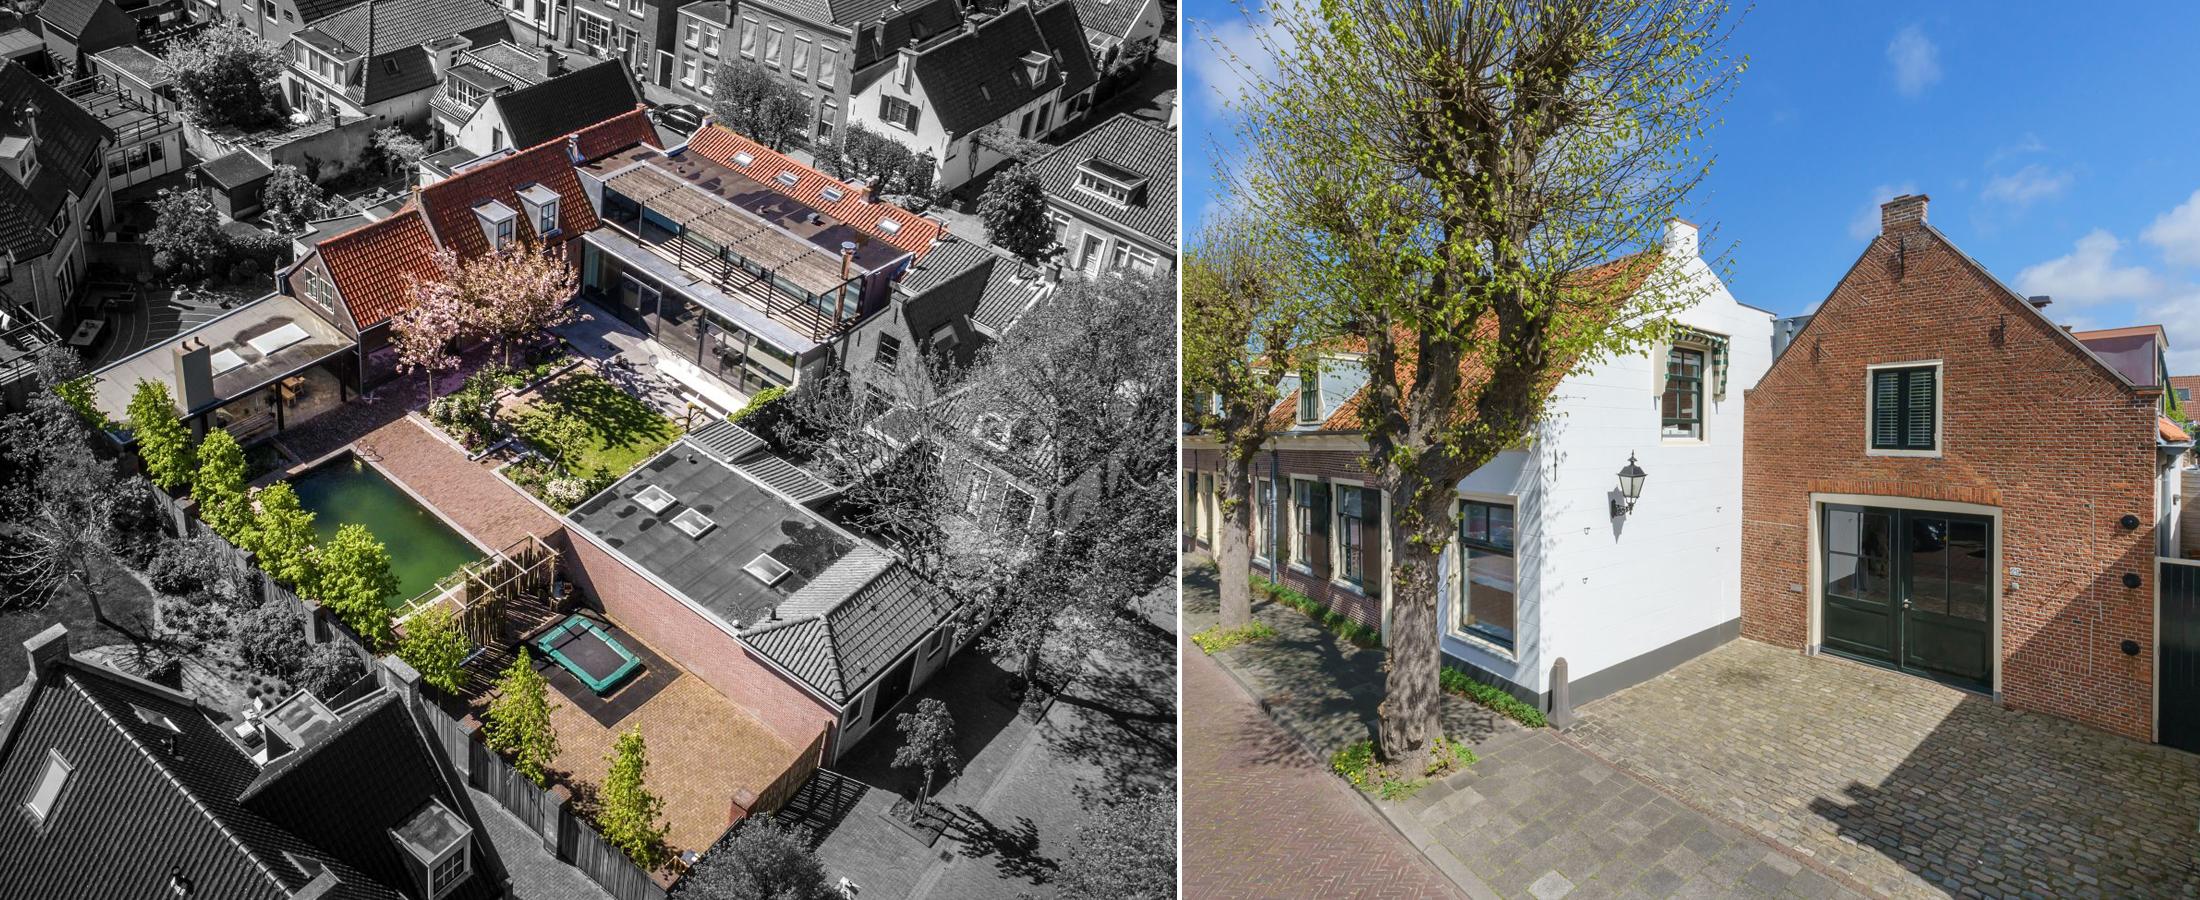 Woonhuis Kerkstraat, Katwijk